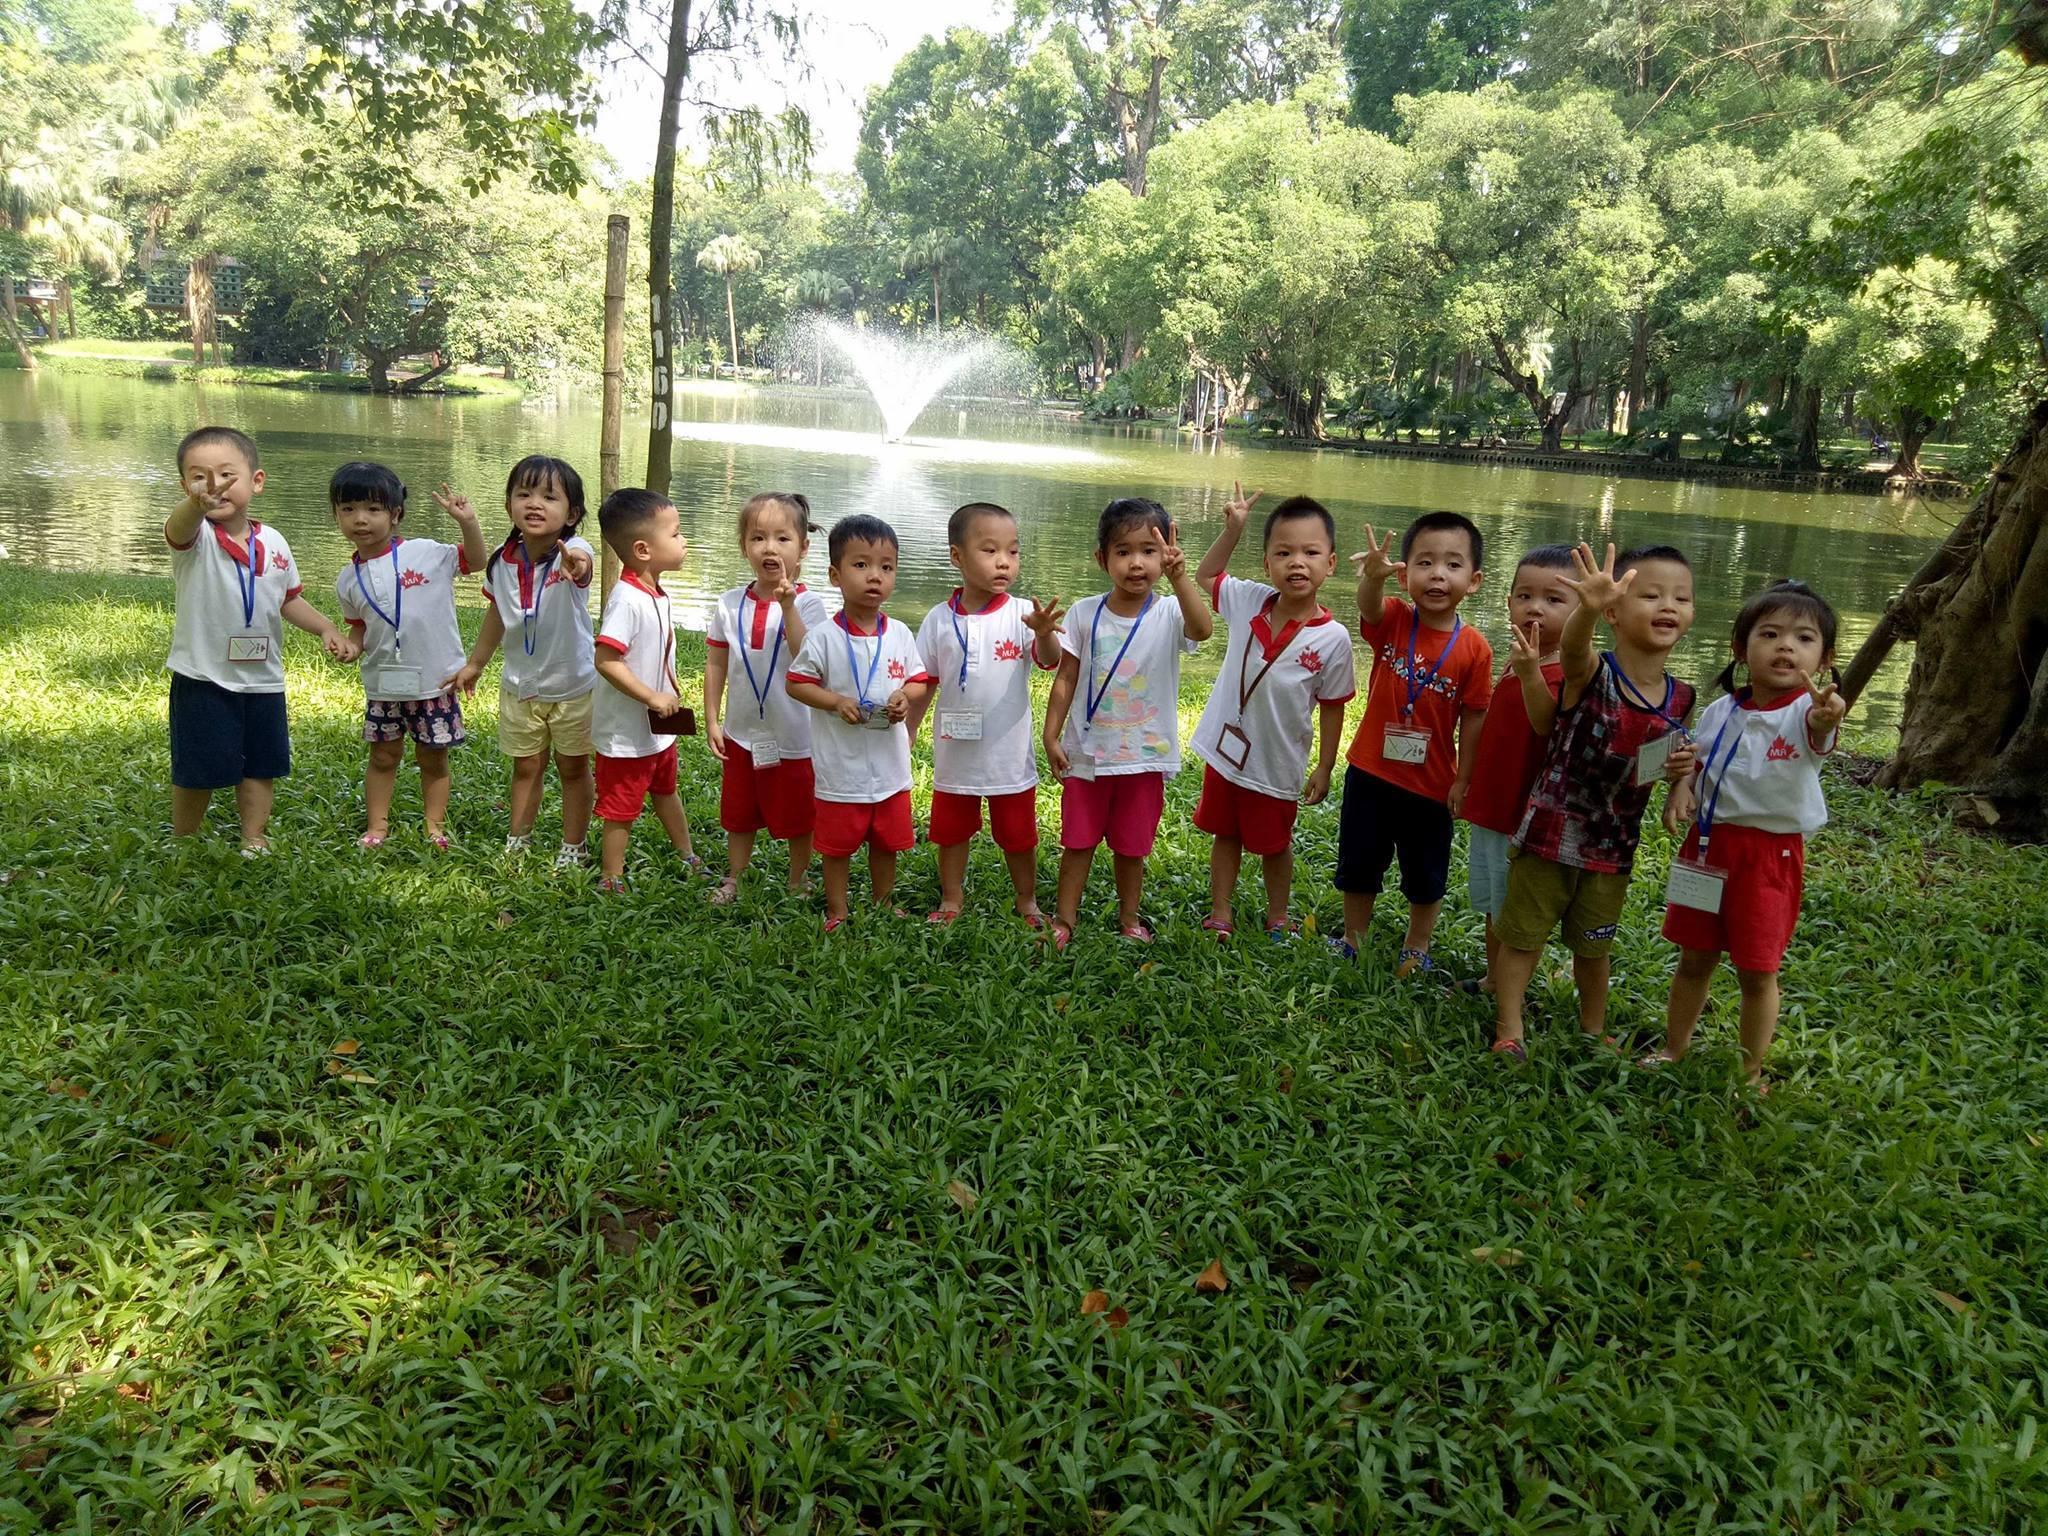 Trường mầm non Lá Phong Xanh - Lá Phong Đỏ  (The Maple Leaf Montessori Academy) - Lô số 19 KĐT Văn Khê